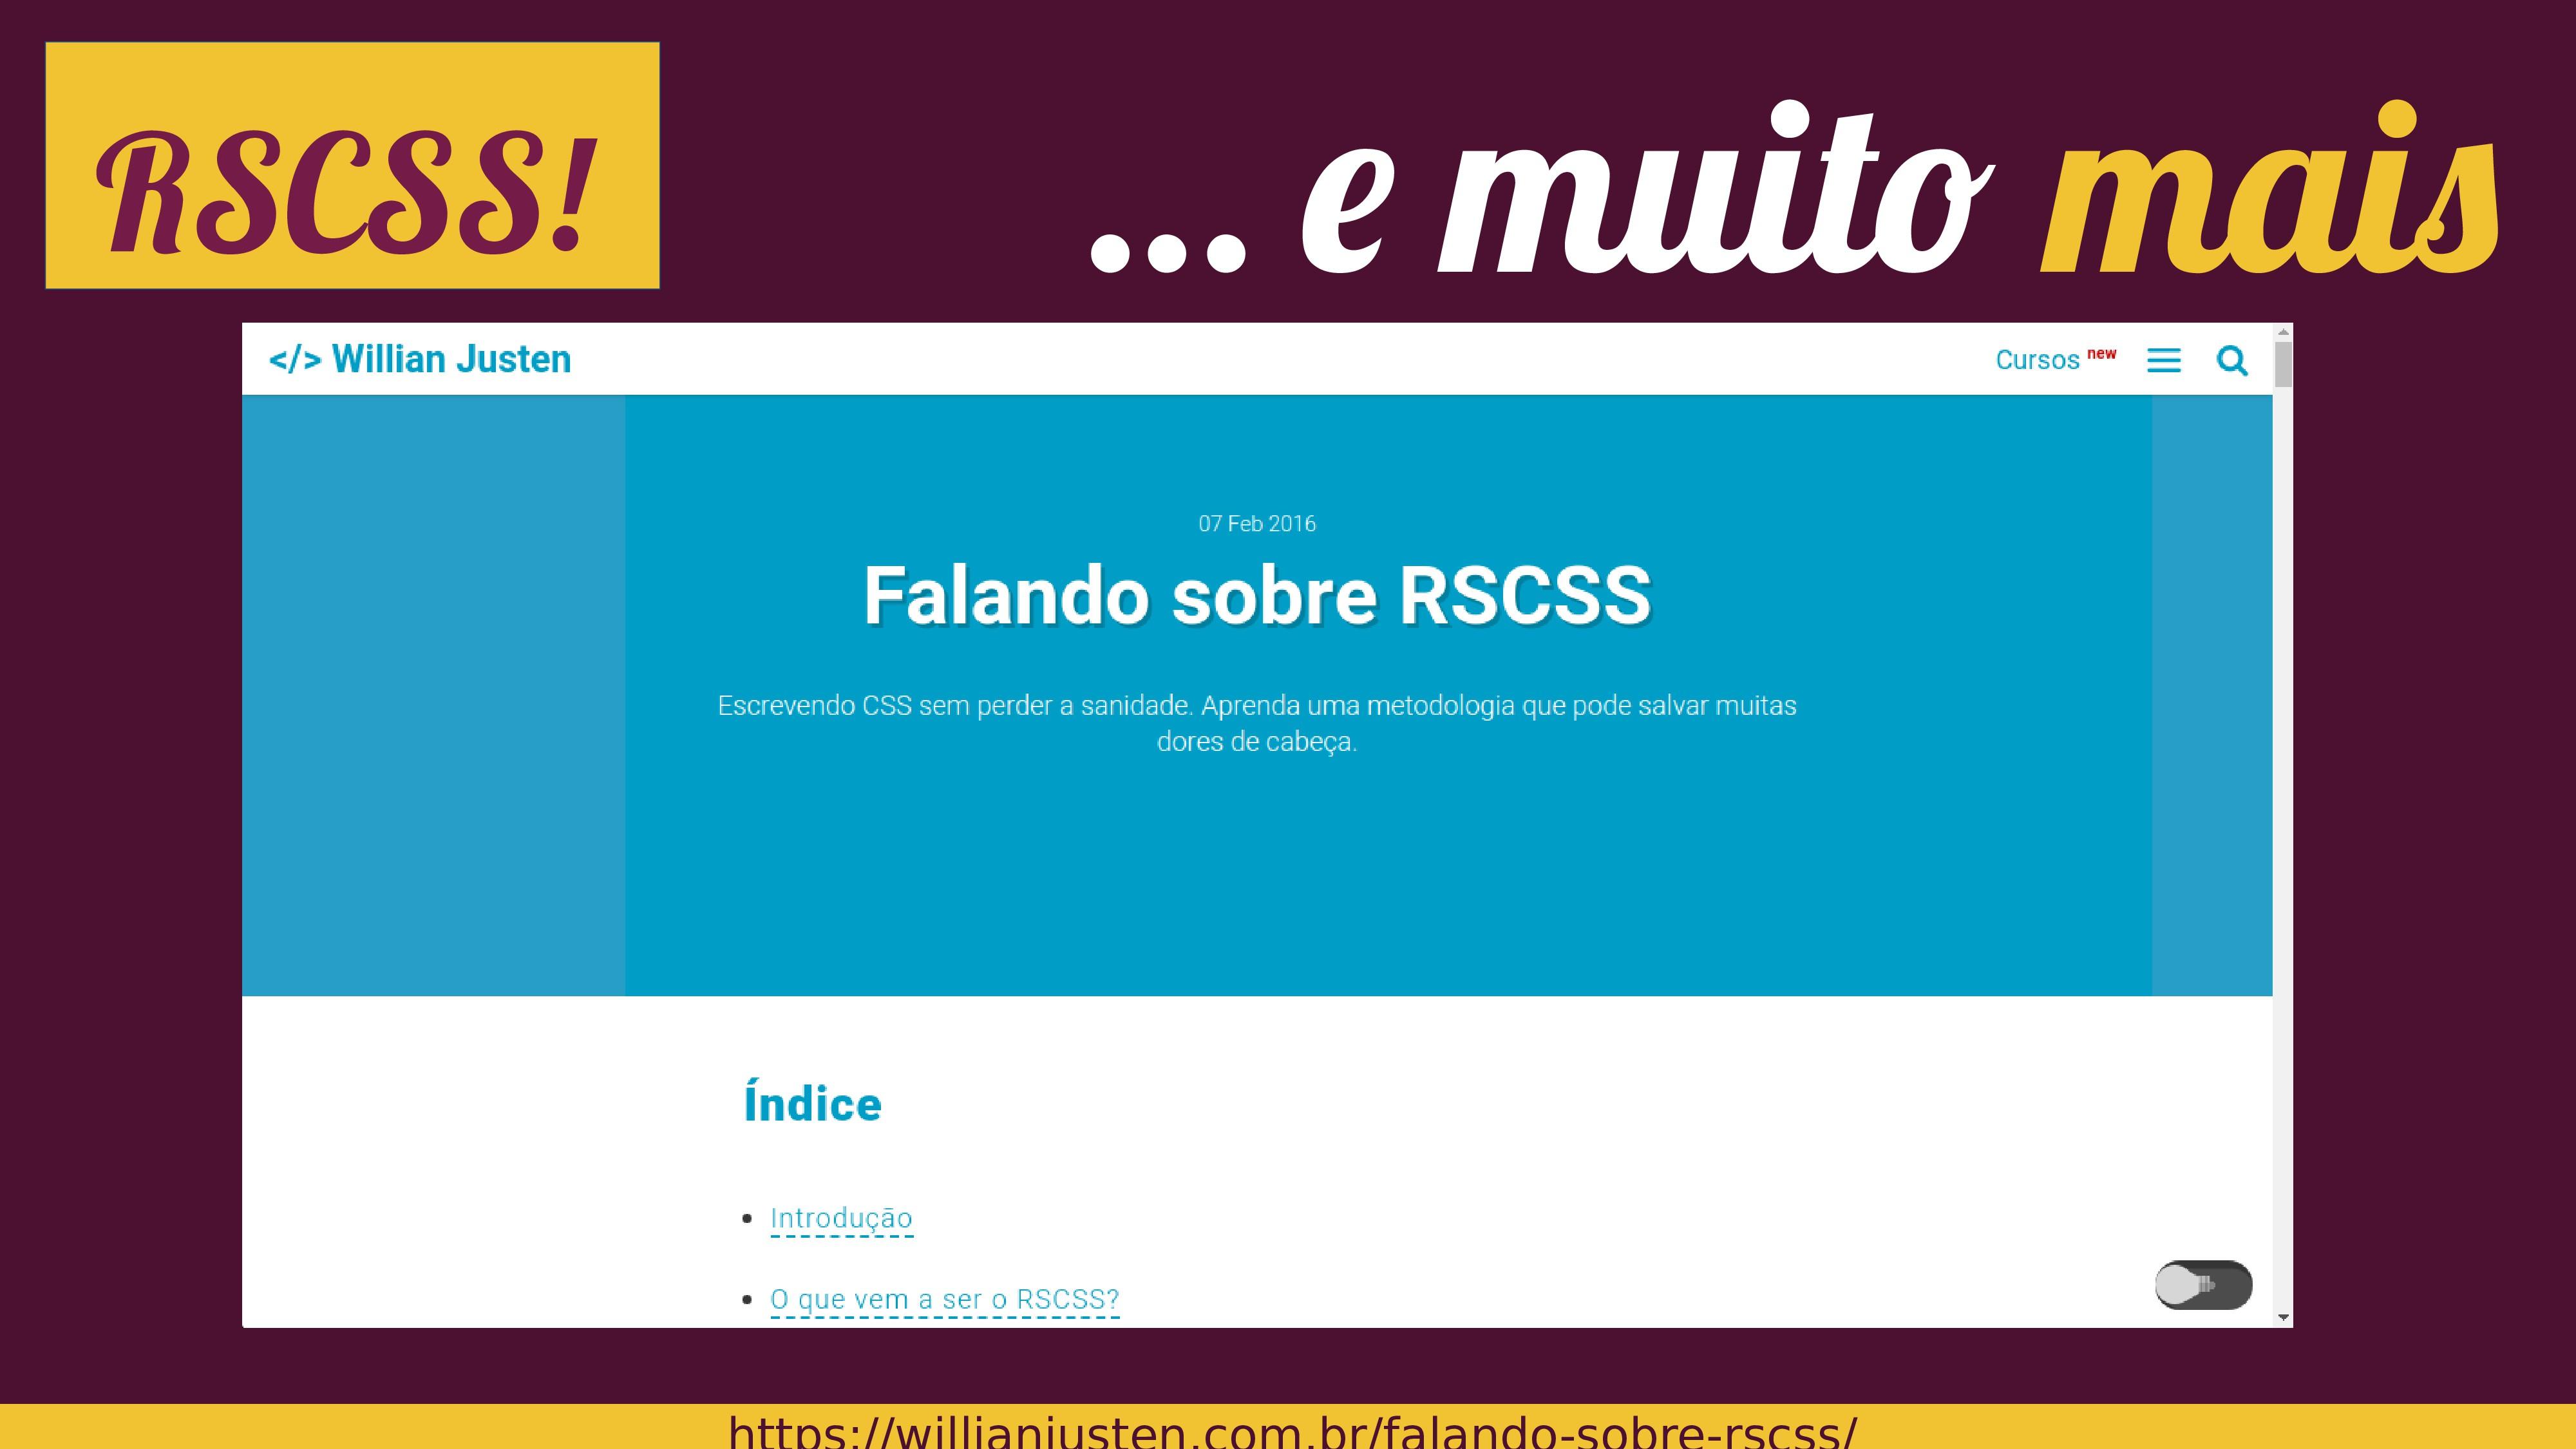 RSCSS! … e muito mais